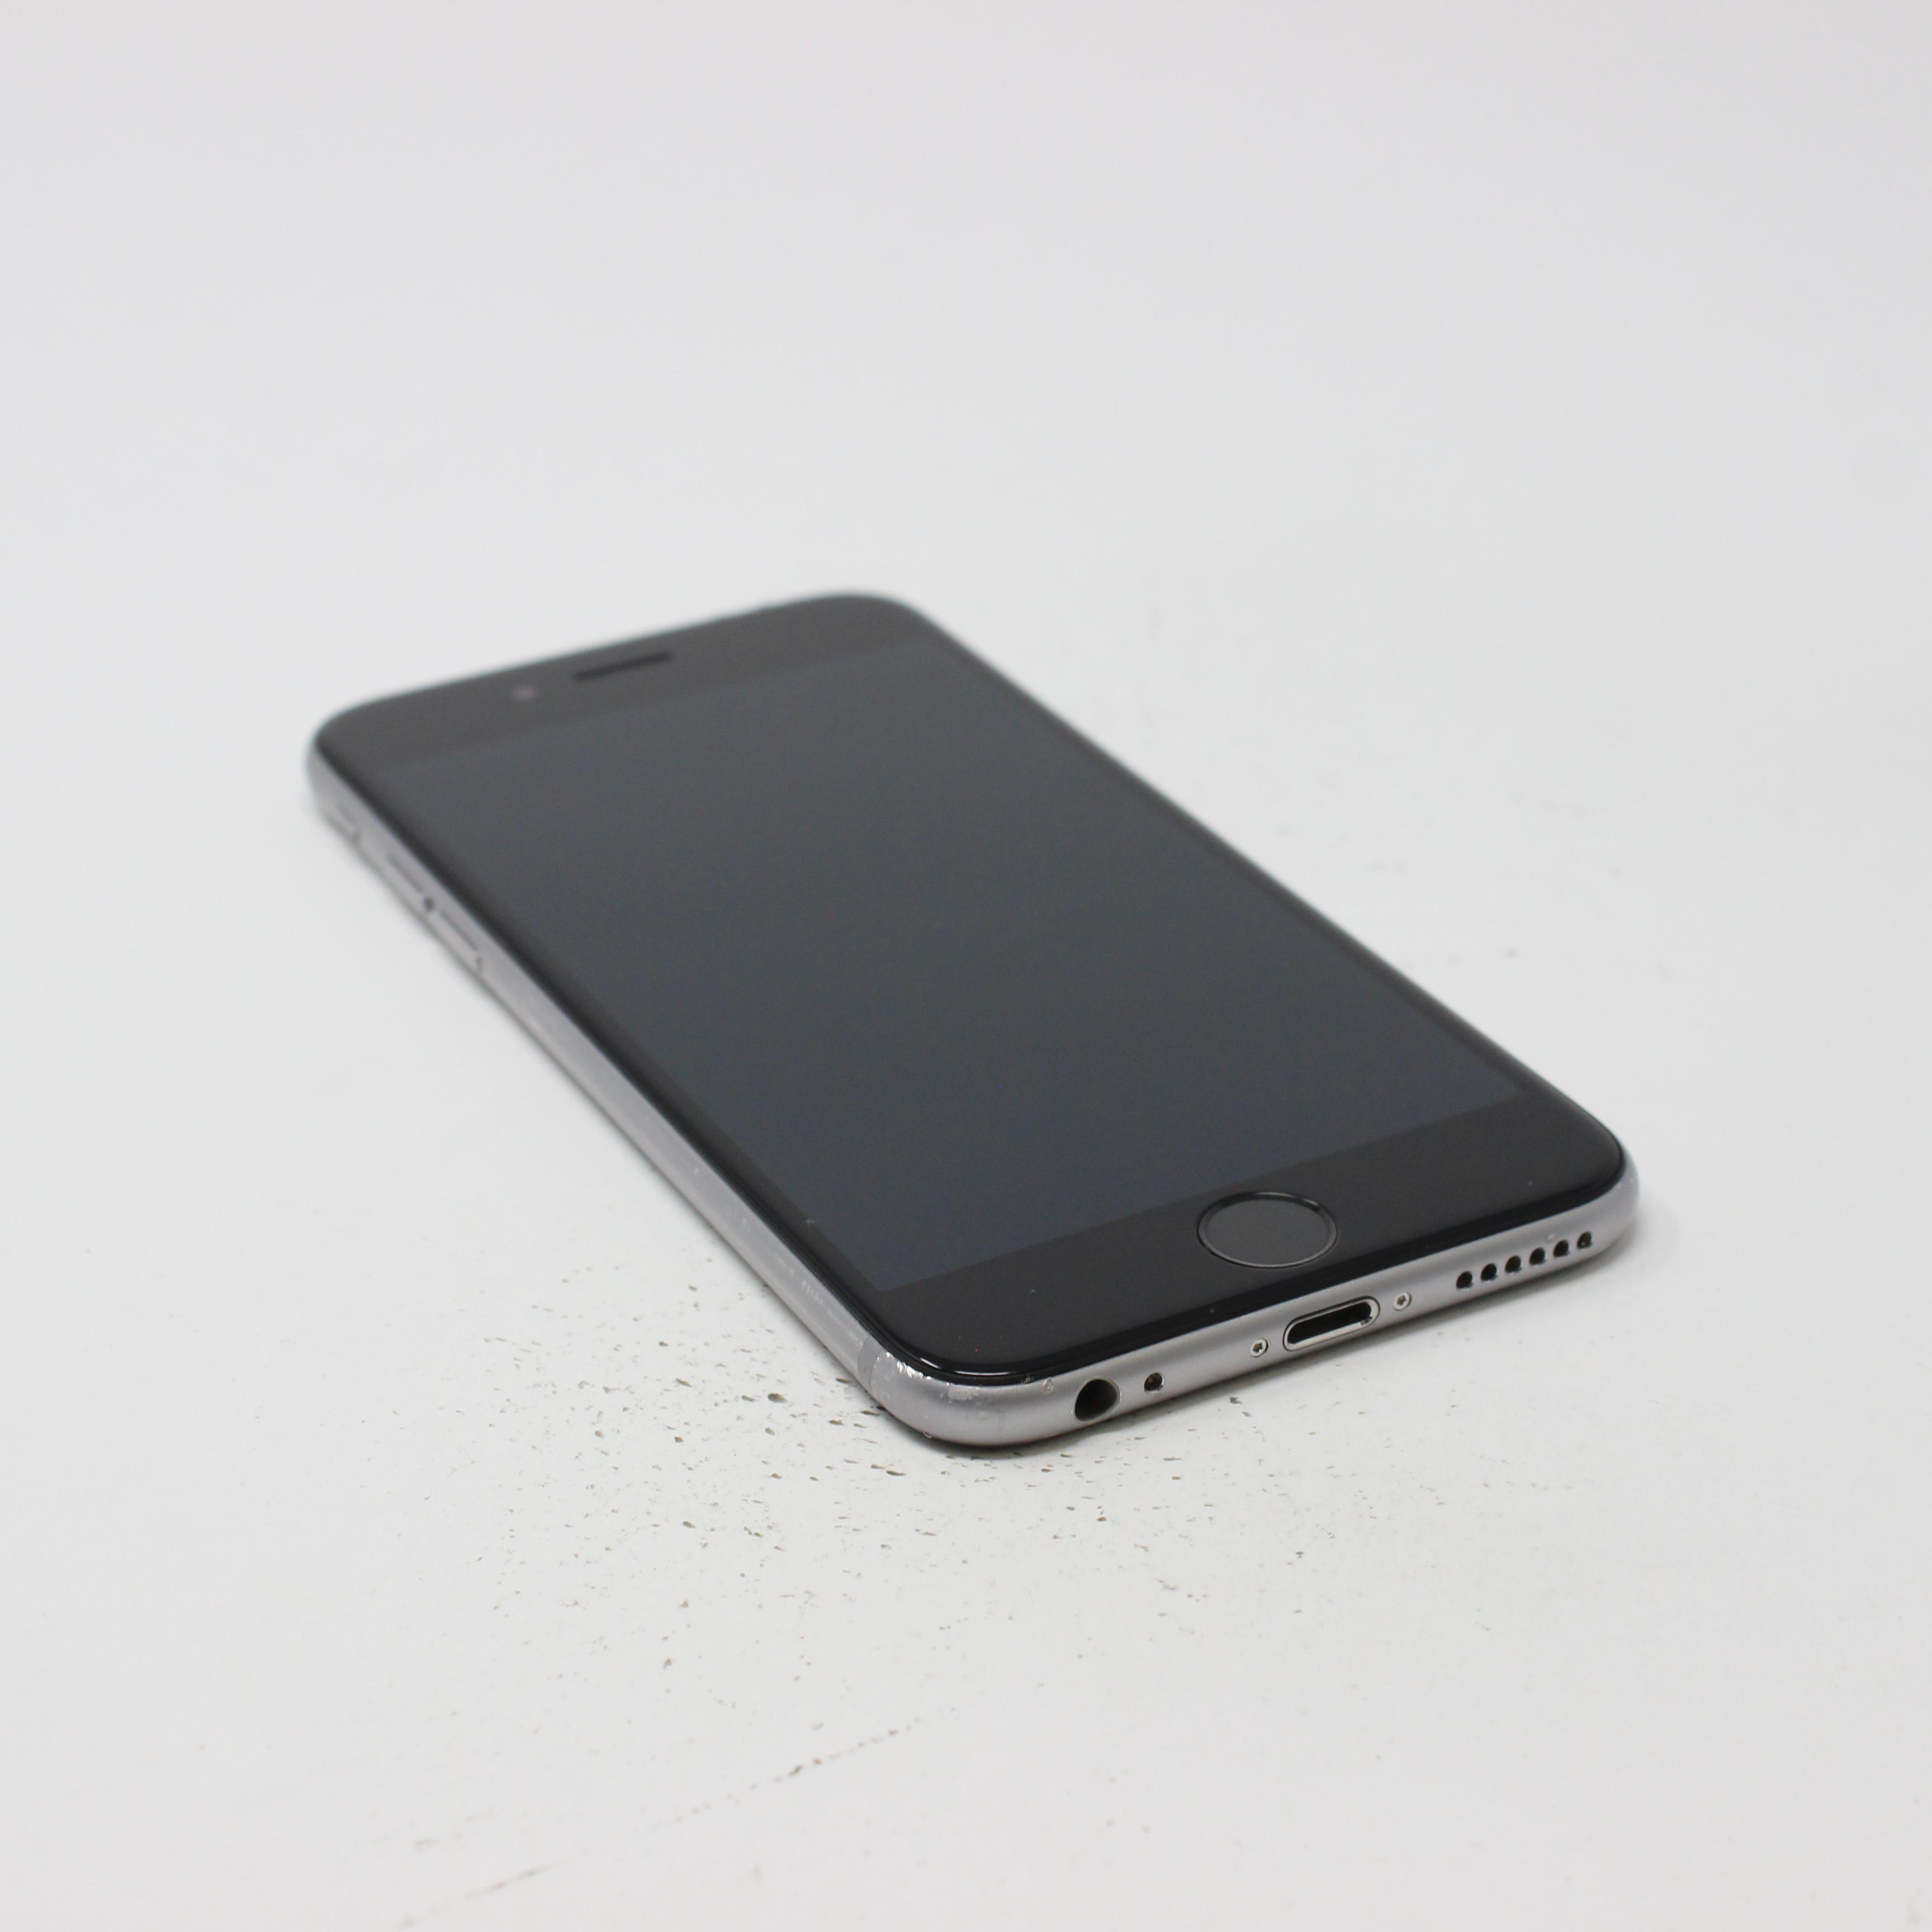 iPhone 6S 16GB Space Gray - AT&T photo 5 | UpTradeit.com